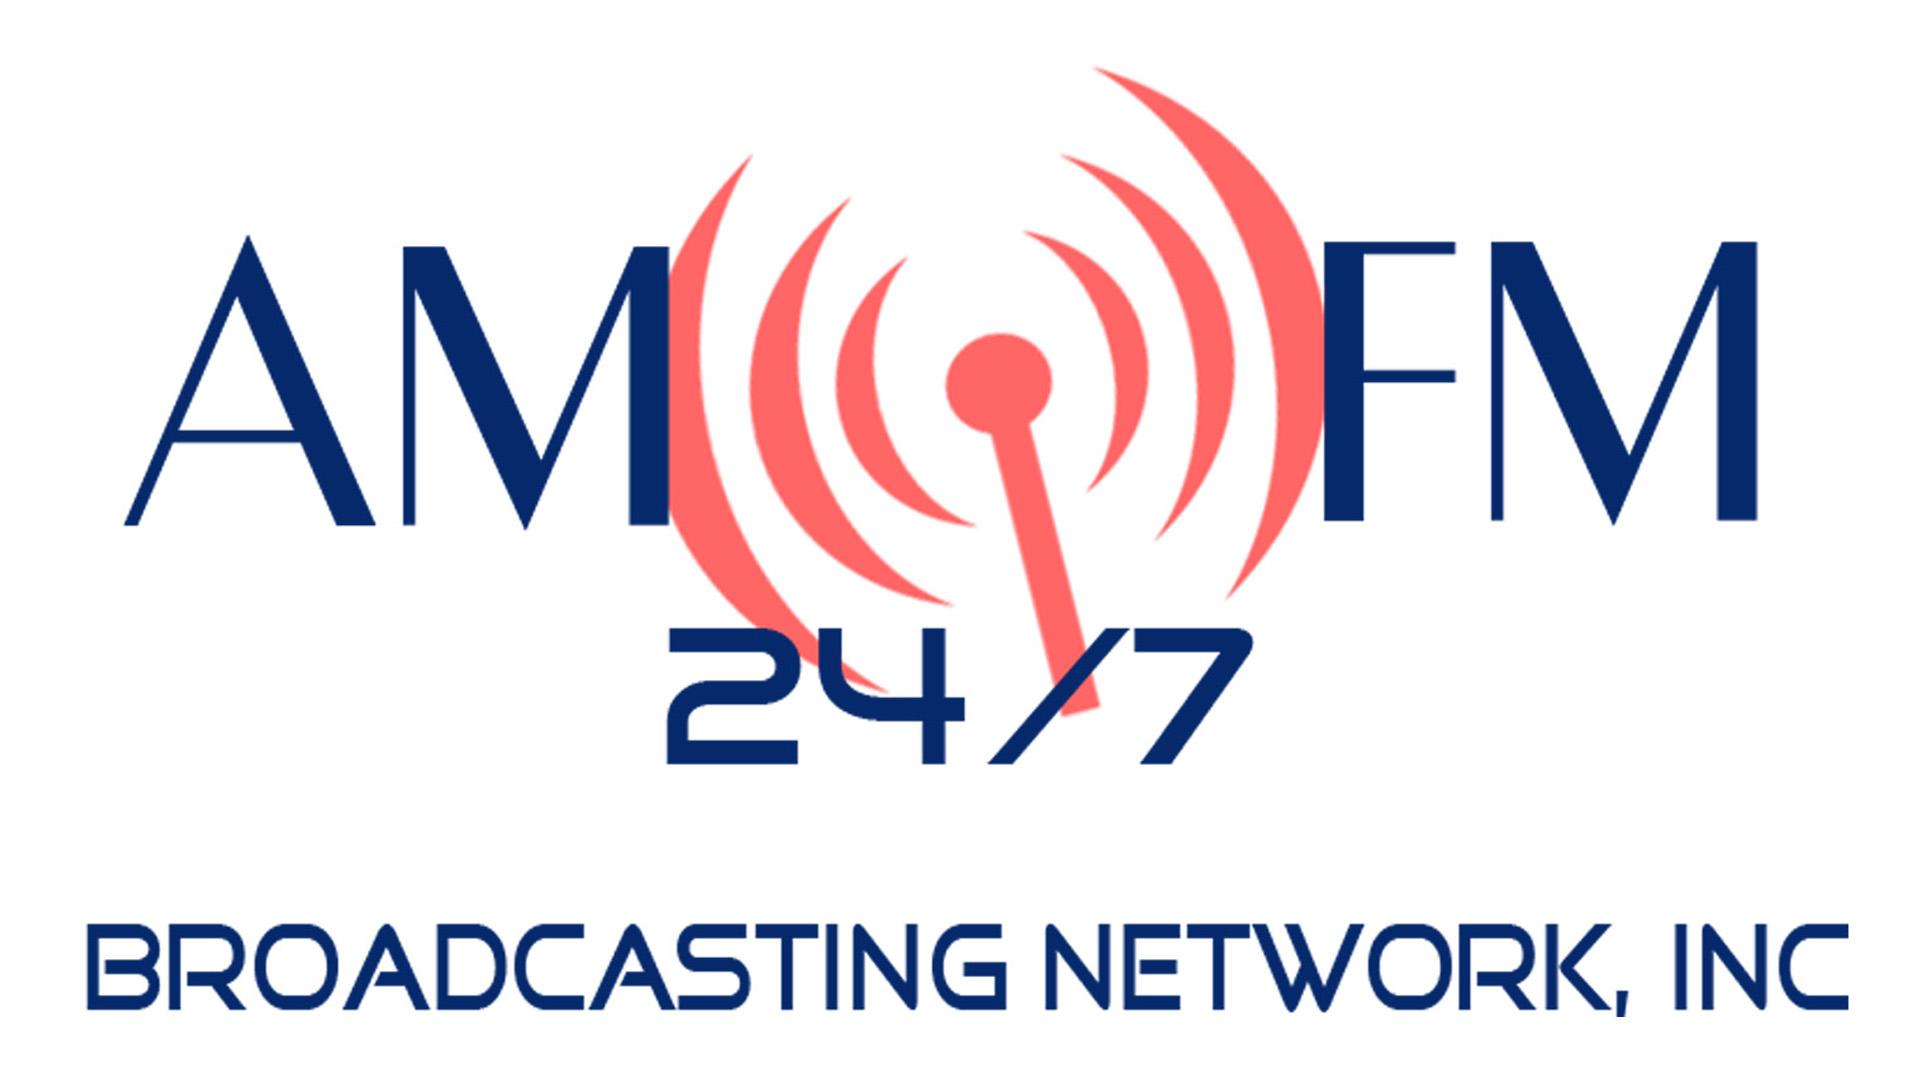 WAMF-DB 97.7 FM